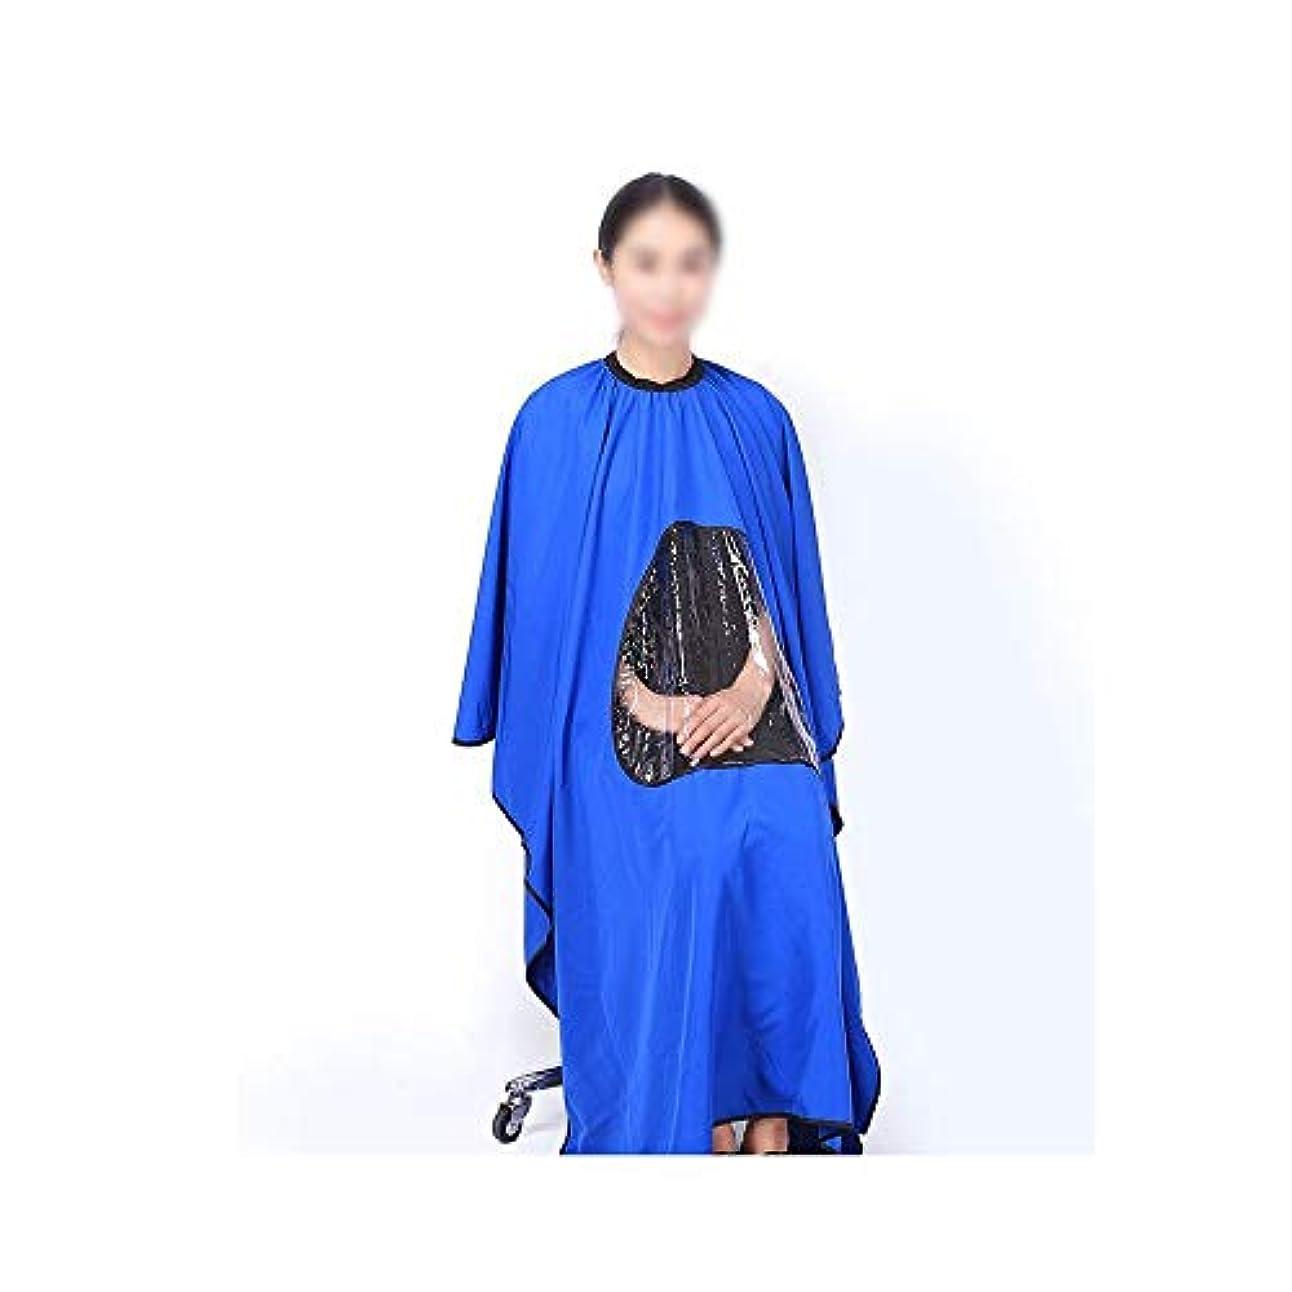 贅沢な本土昇進黒い理髪ケープ布全身サロン髪カットガウン ヘアケア (色 : 青)